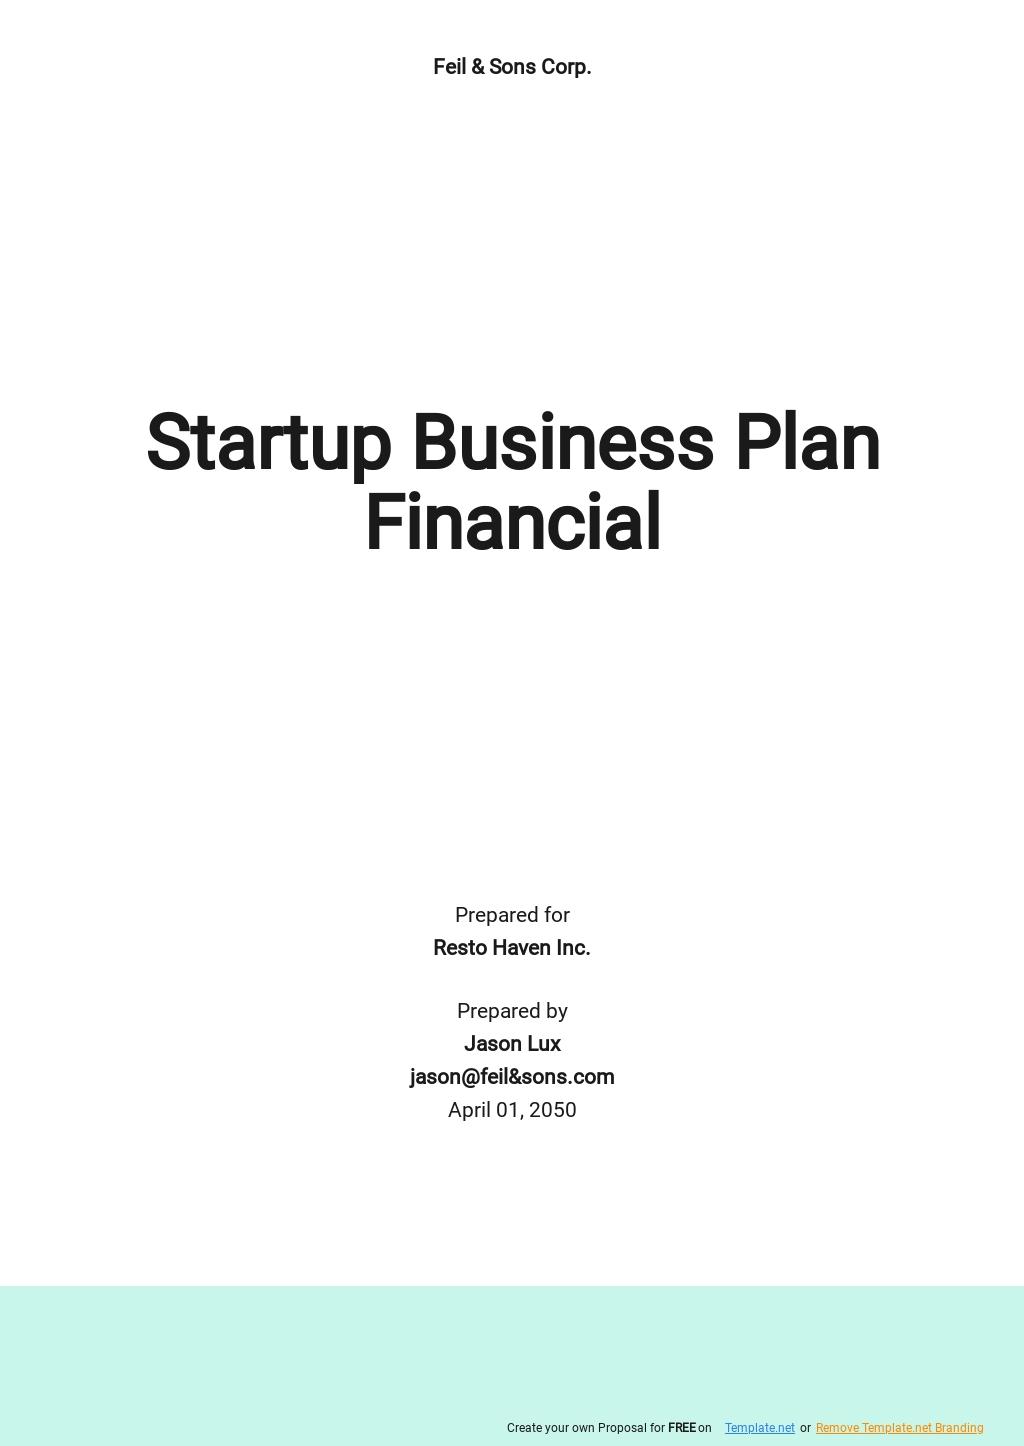 Startup Business Plan Financial Template.jpe